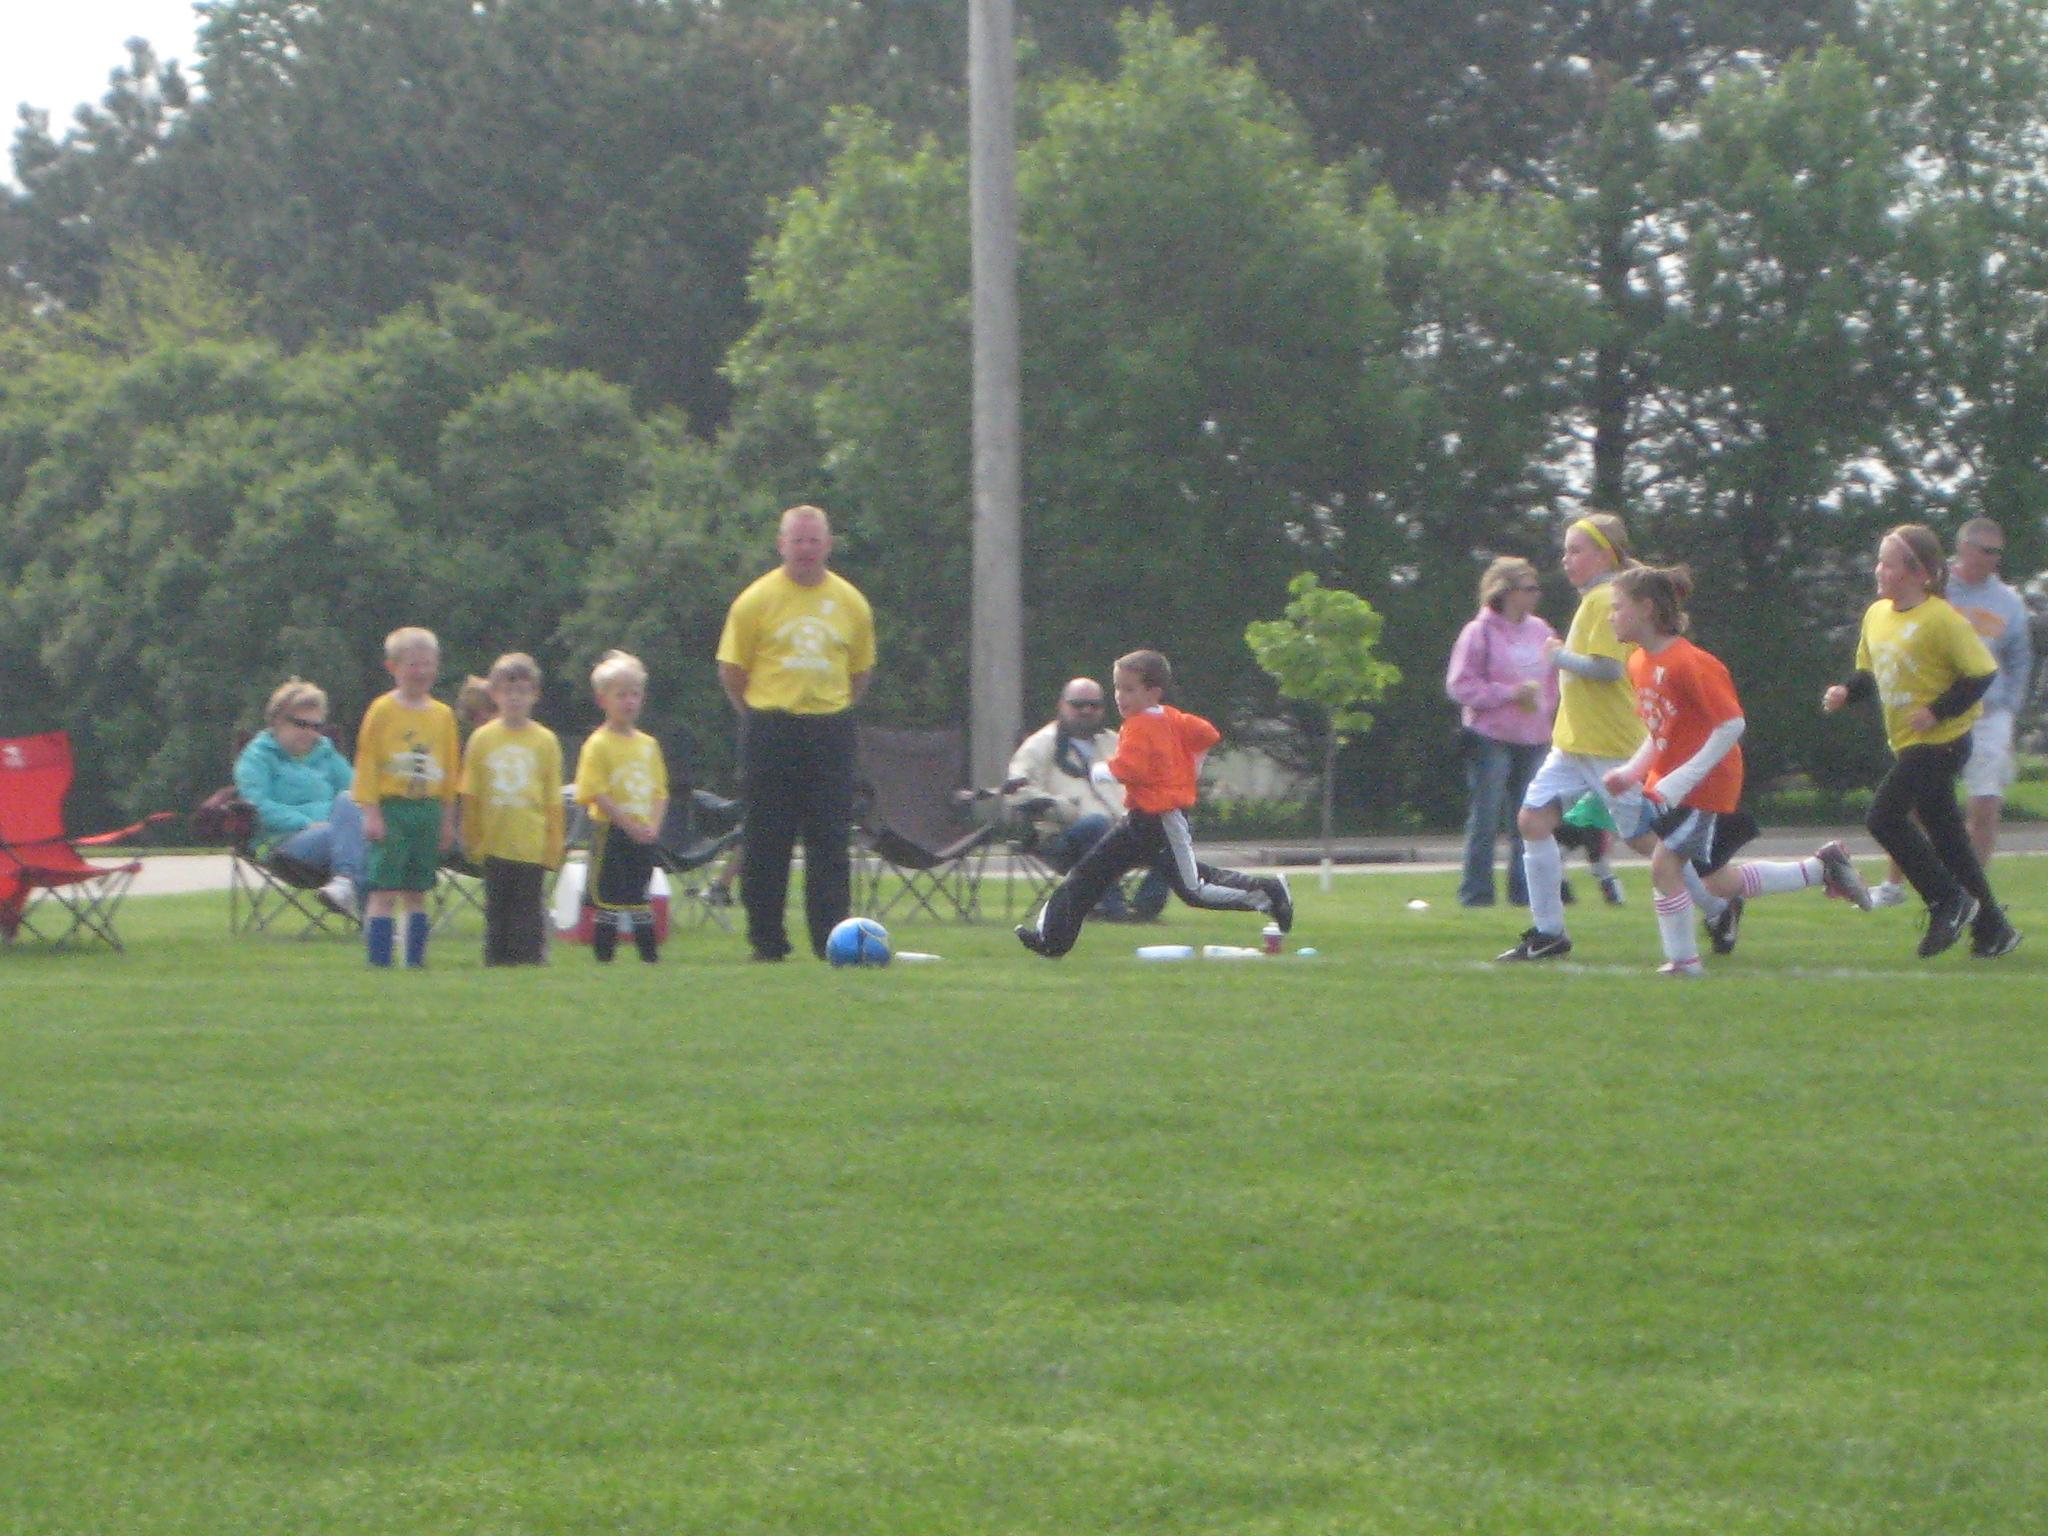 U-8 Soccer action